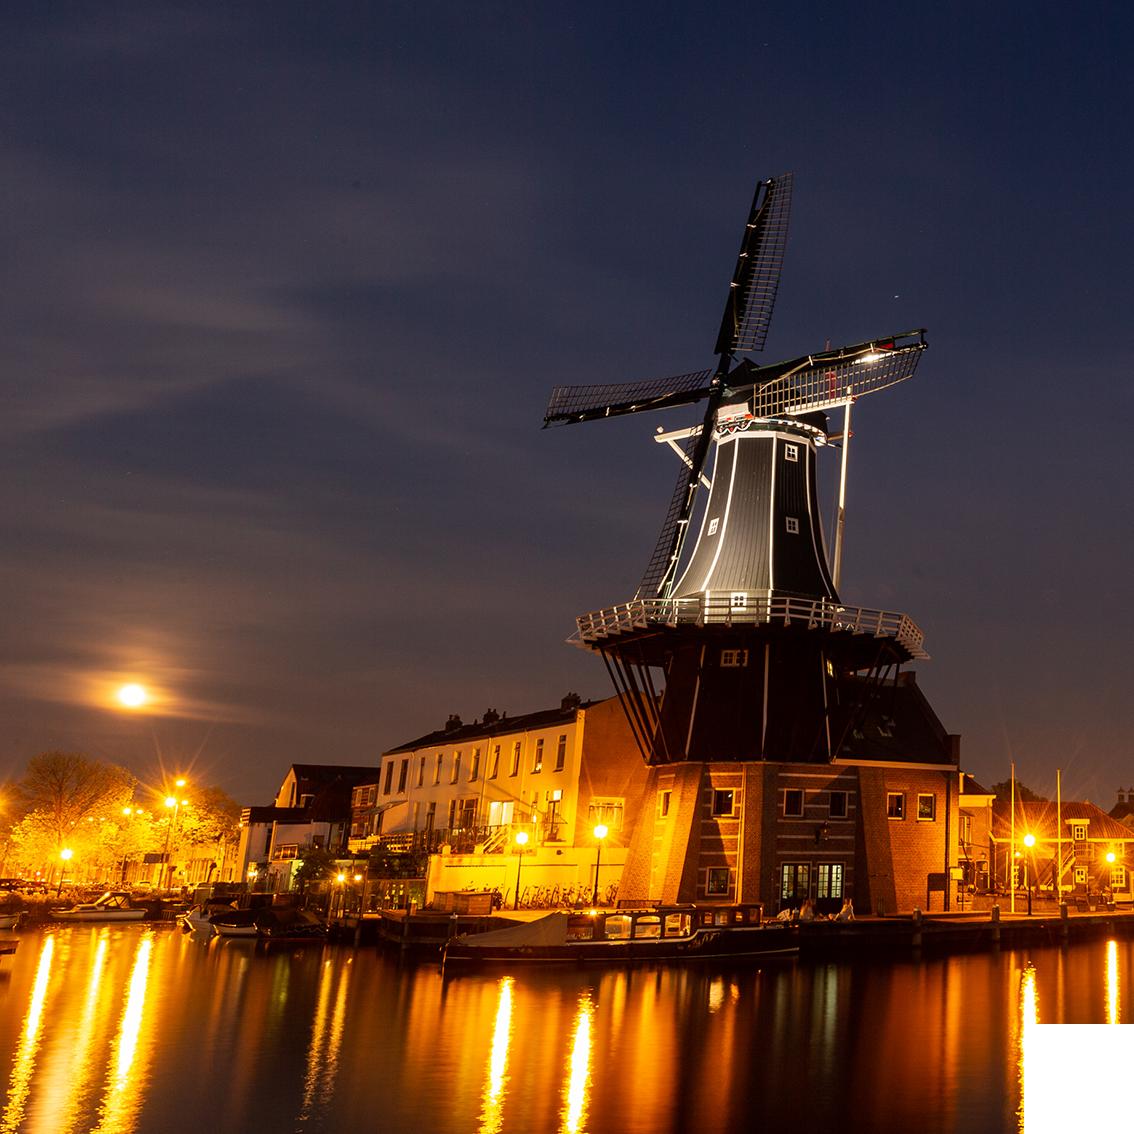 Molen De Adriaan (Adriaan Windmill) in Haarlem, the Netherlands